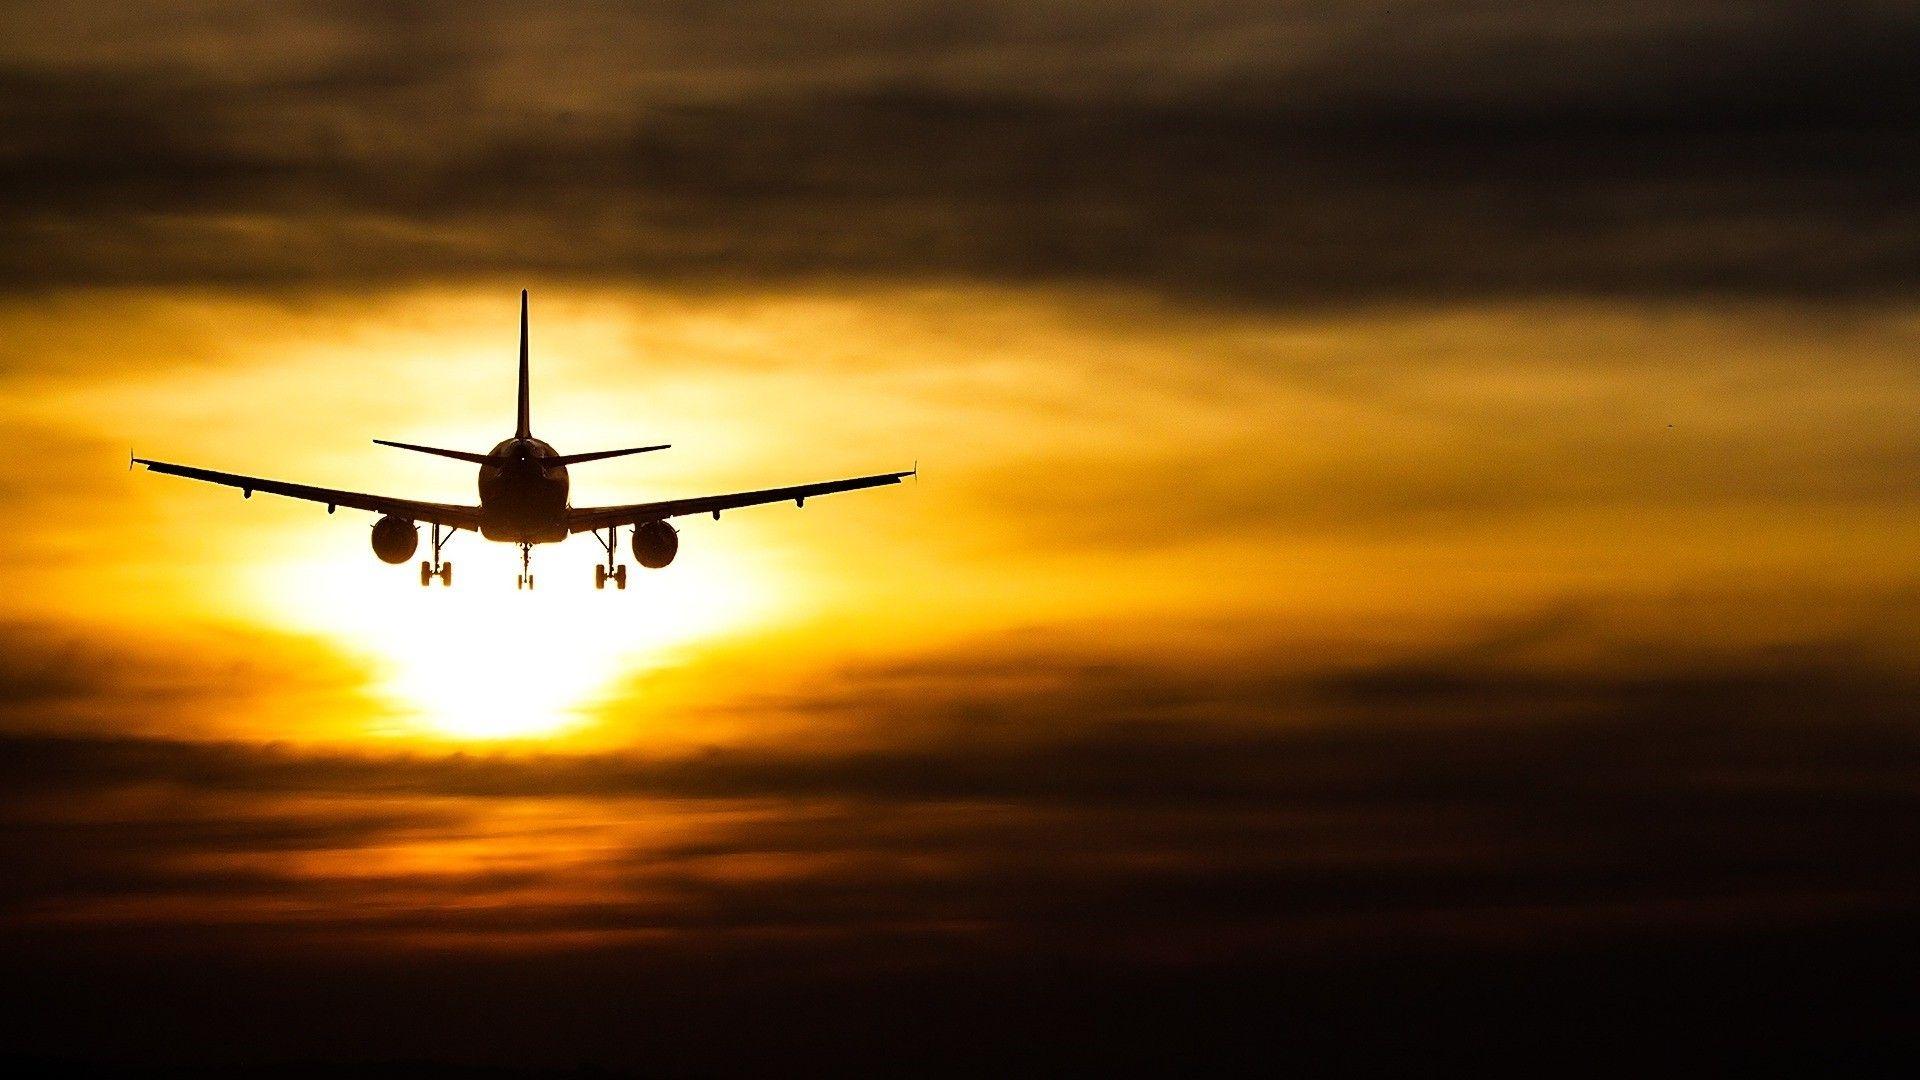 Sunset Passenger Plane Full Hd Desktop Background Hd Desktop Passenger Planes Backgrounds Desktop